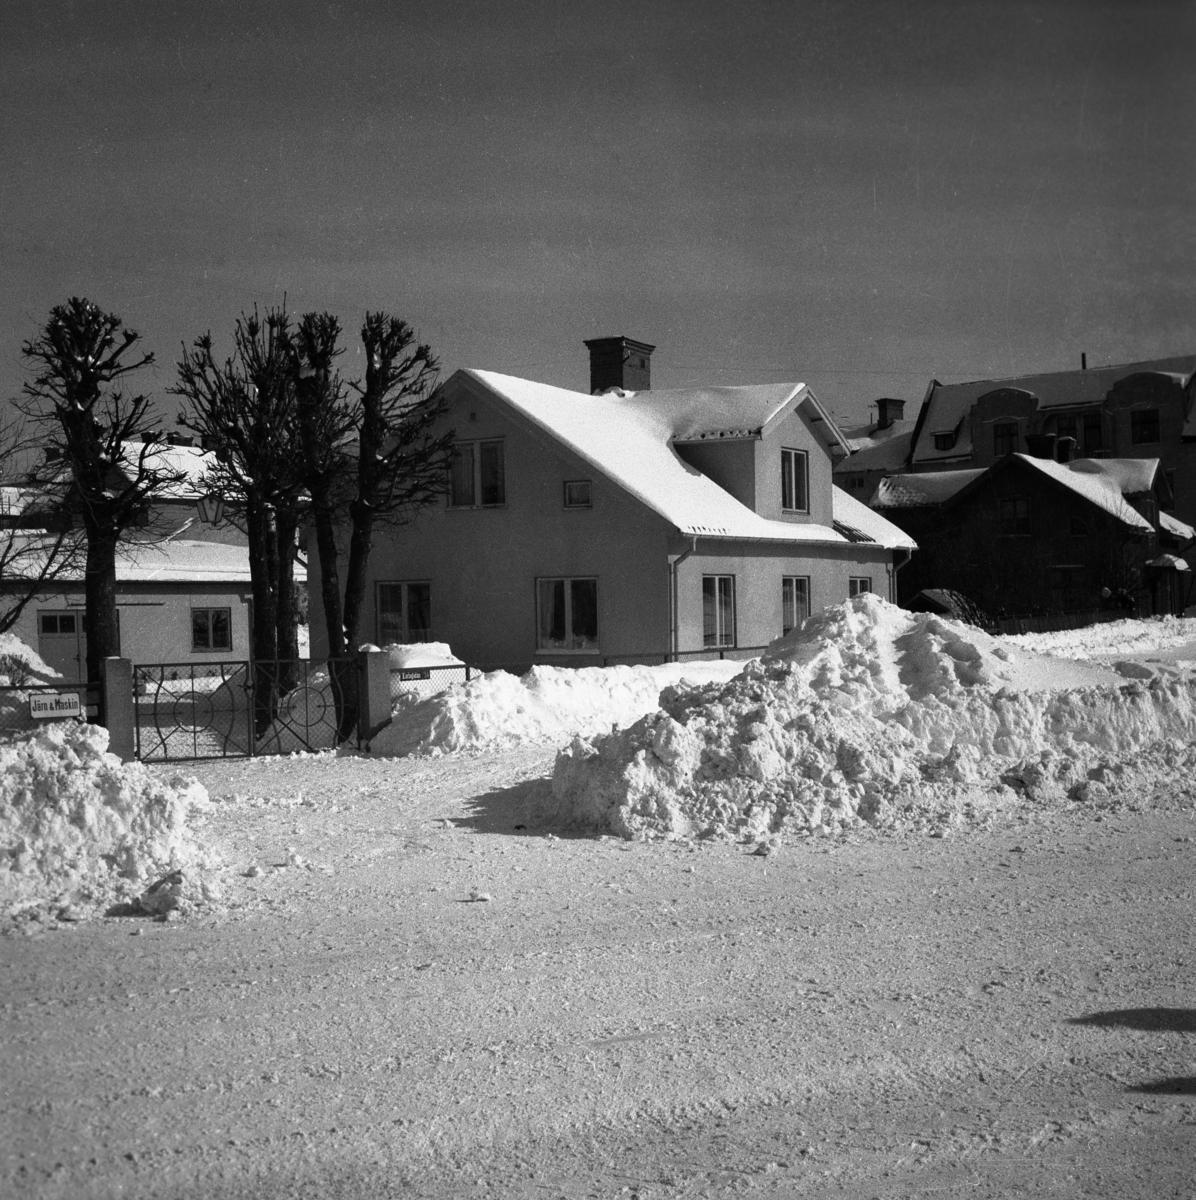 Villa på Karlagatan 34 år 1952.